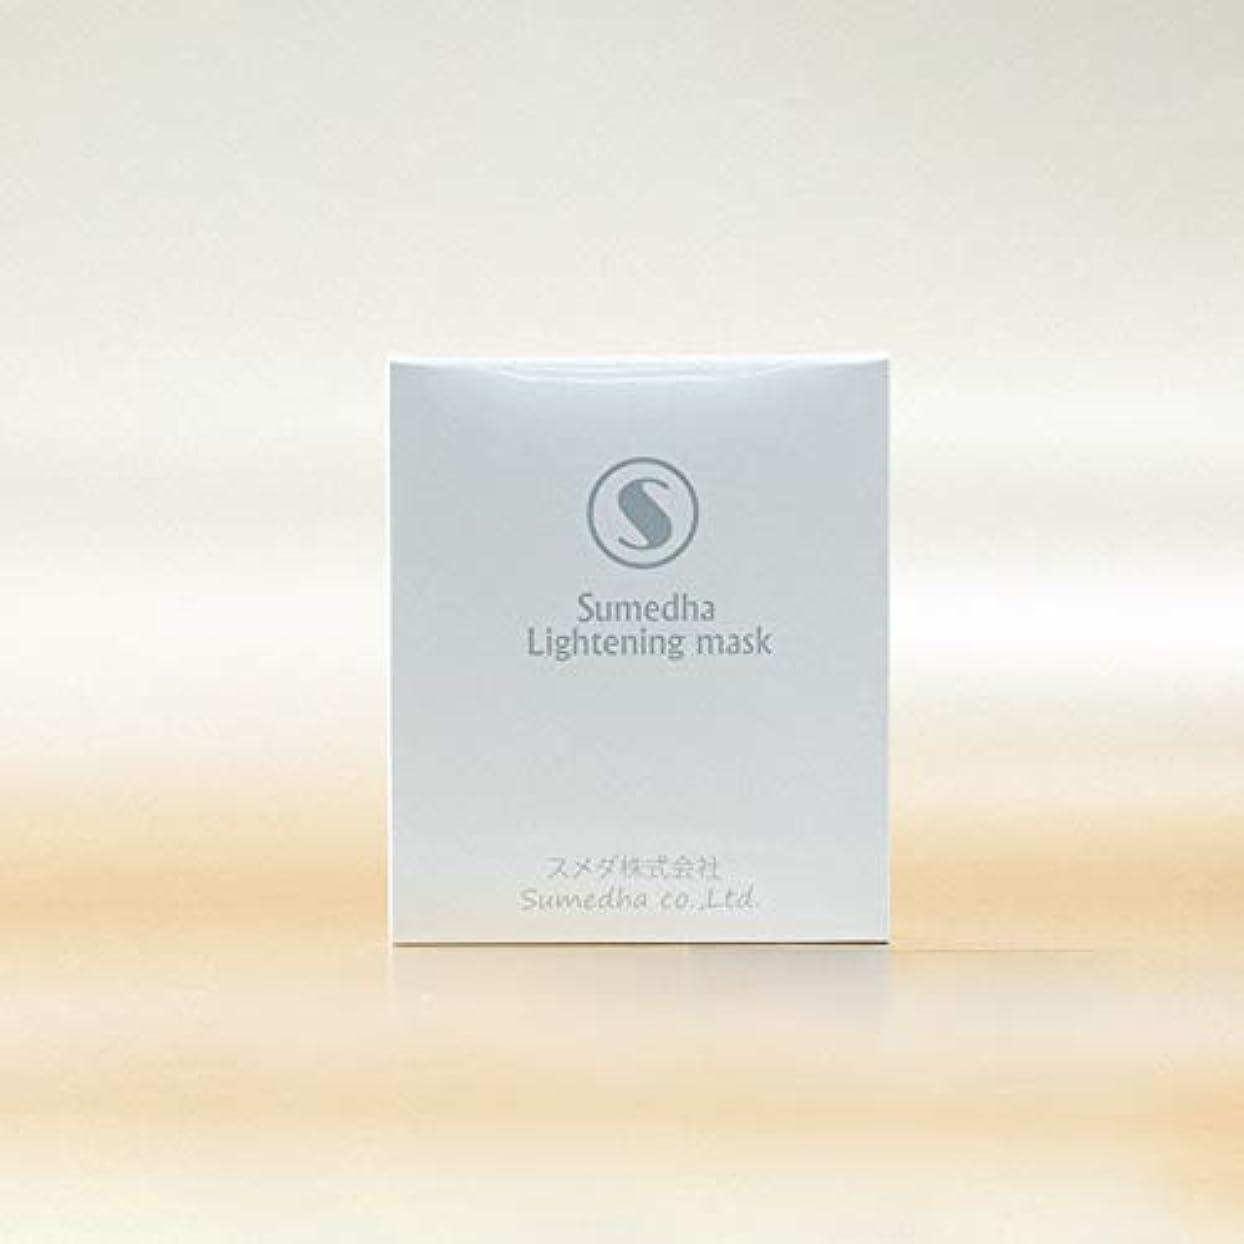 幻影増幅器助手フェイスマスク Sumedha パック 保湿マスク 日本製 マスク フェイスパック 3枚入り 美白 美容 アンチセンシティブ 角質層修復 抗酸化 保湿 補水 敏感肌 発赤 アレルギー緩和 コーセー (美白)